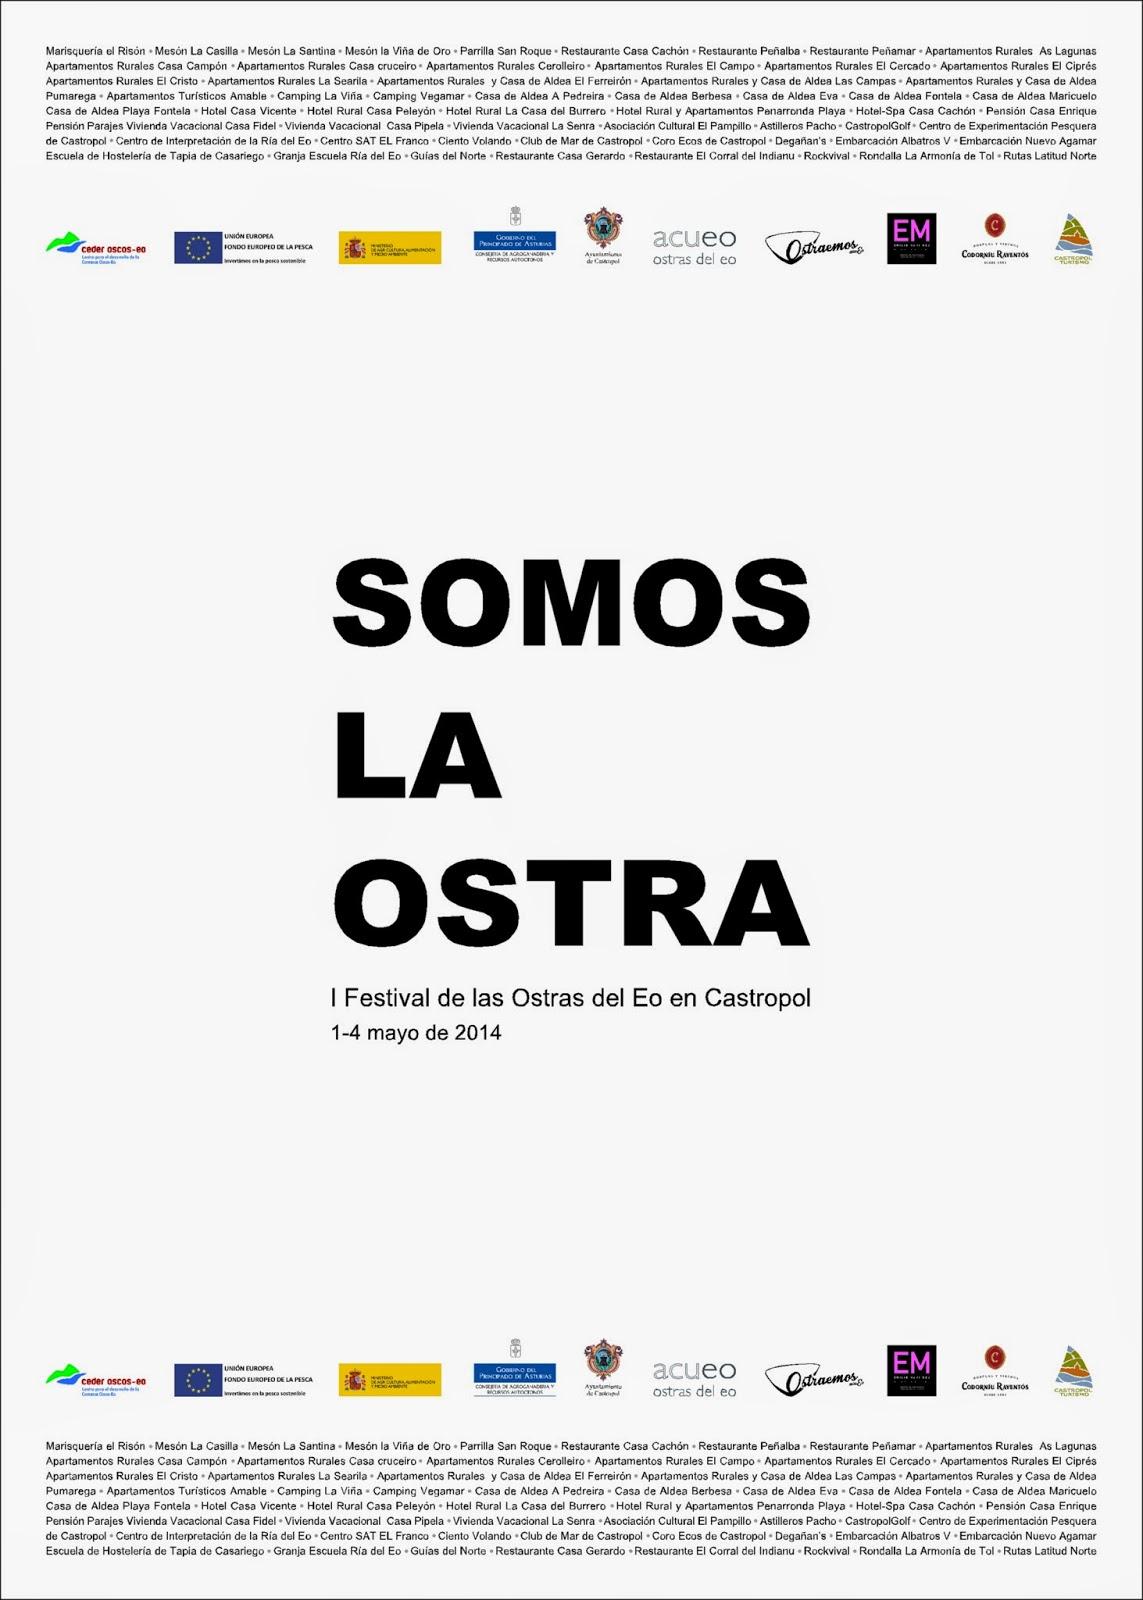 Somos la ostra. I Festival de la ostra del Eo en Castropol. 1-4 mayo